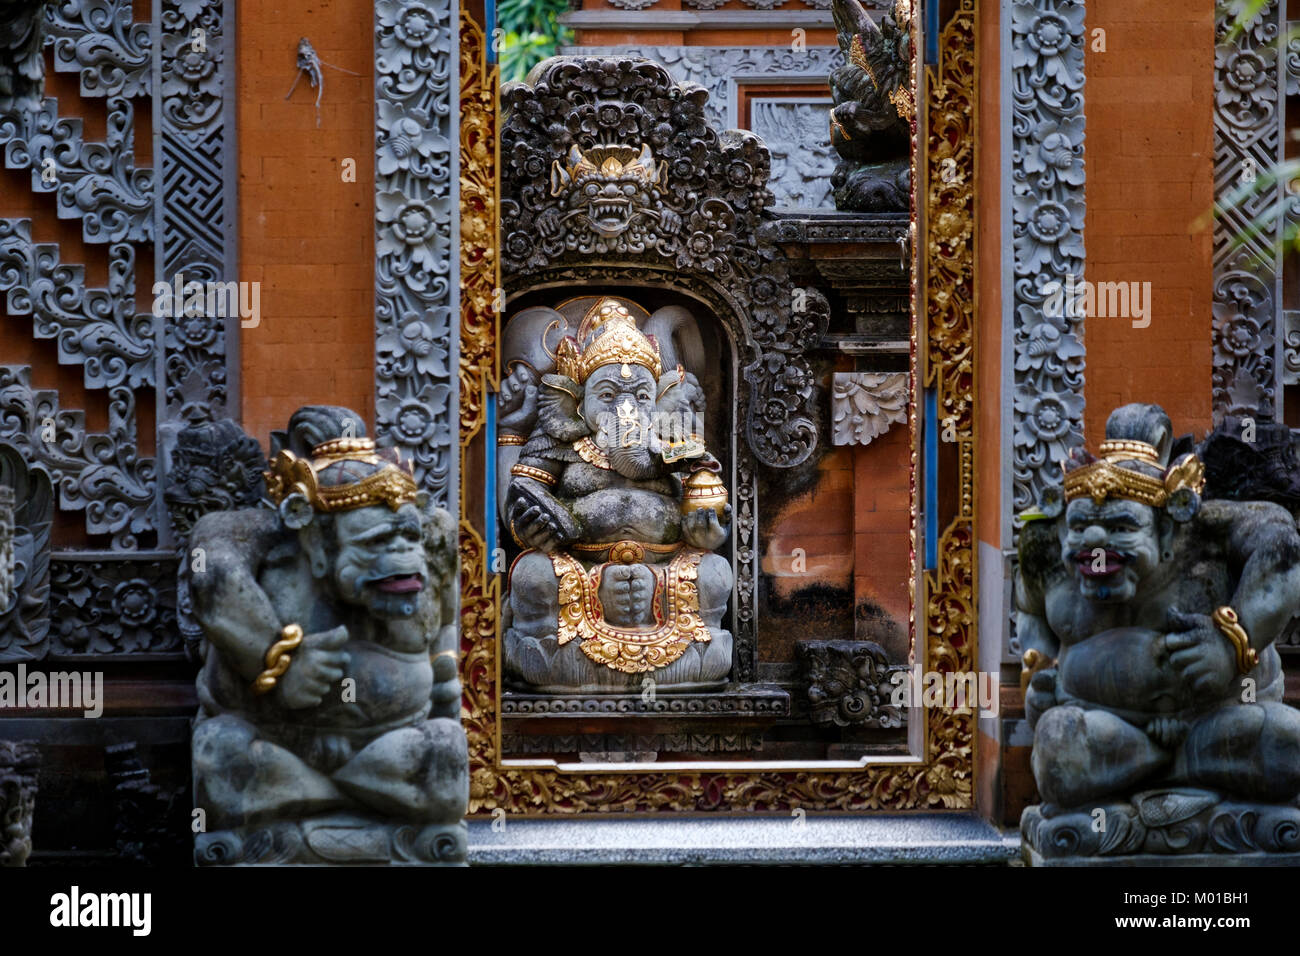 Entrance to Balinese-style house with statue of Ganesh (elephant-headed god), Ubud, Bali, Indonesia. - Stock Image